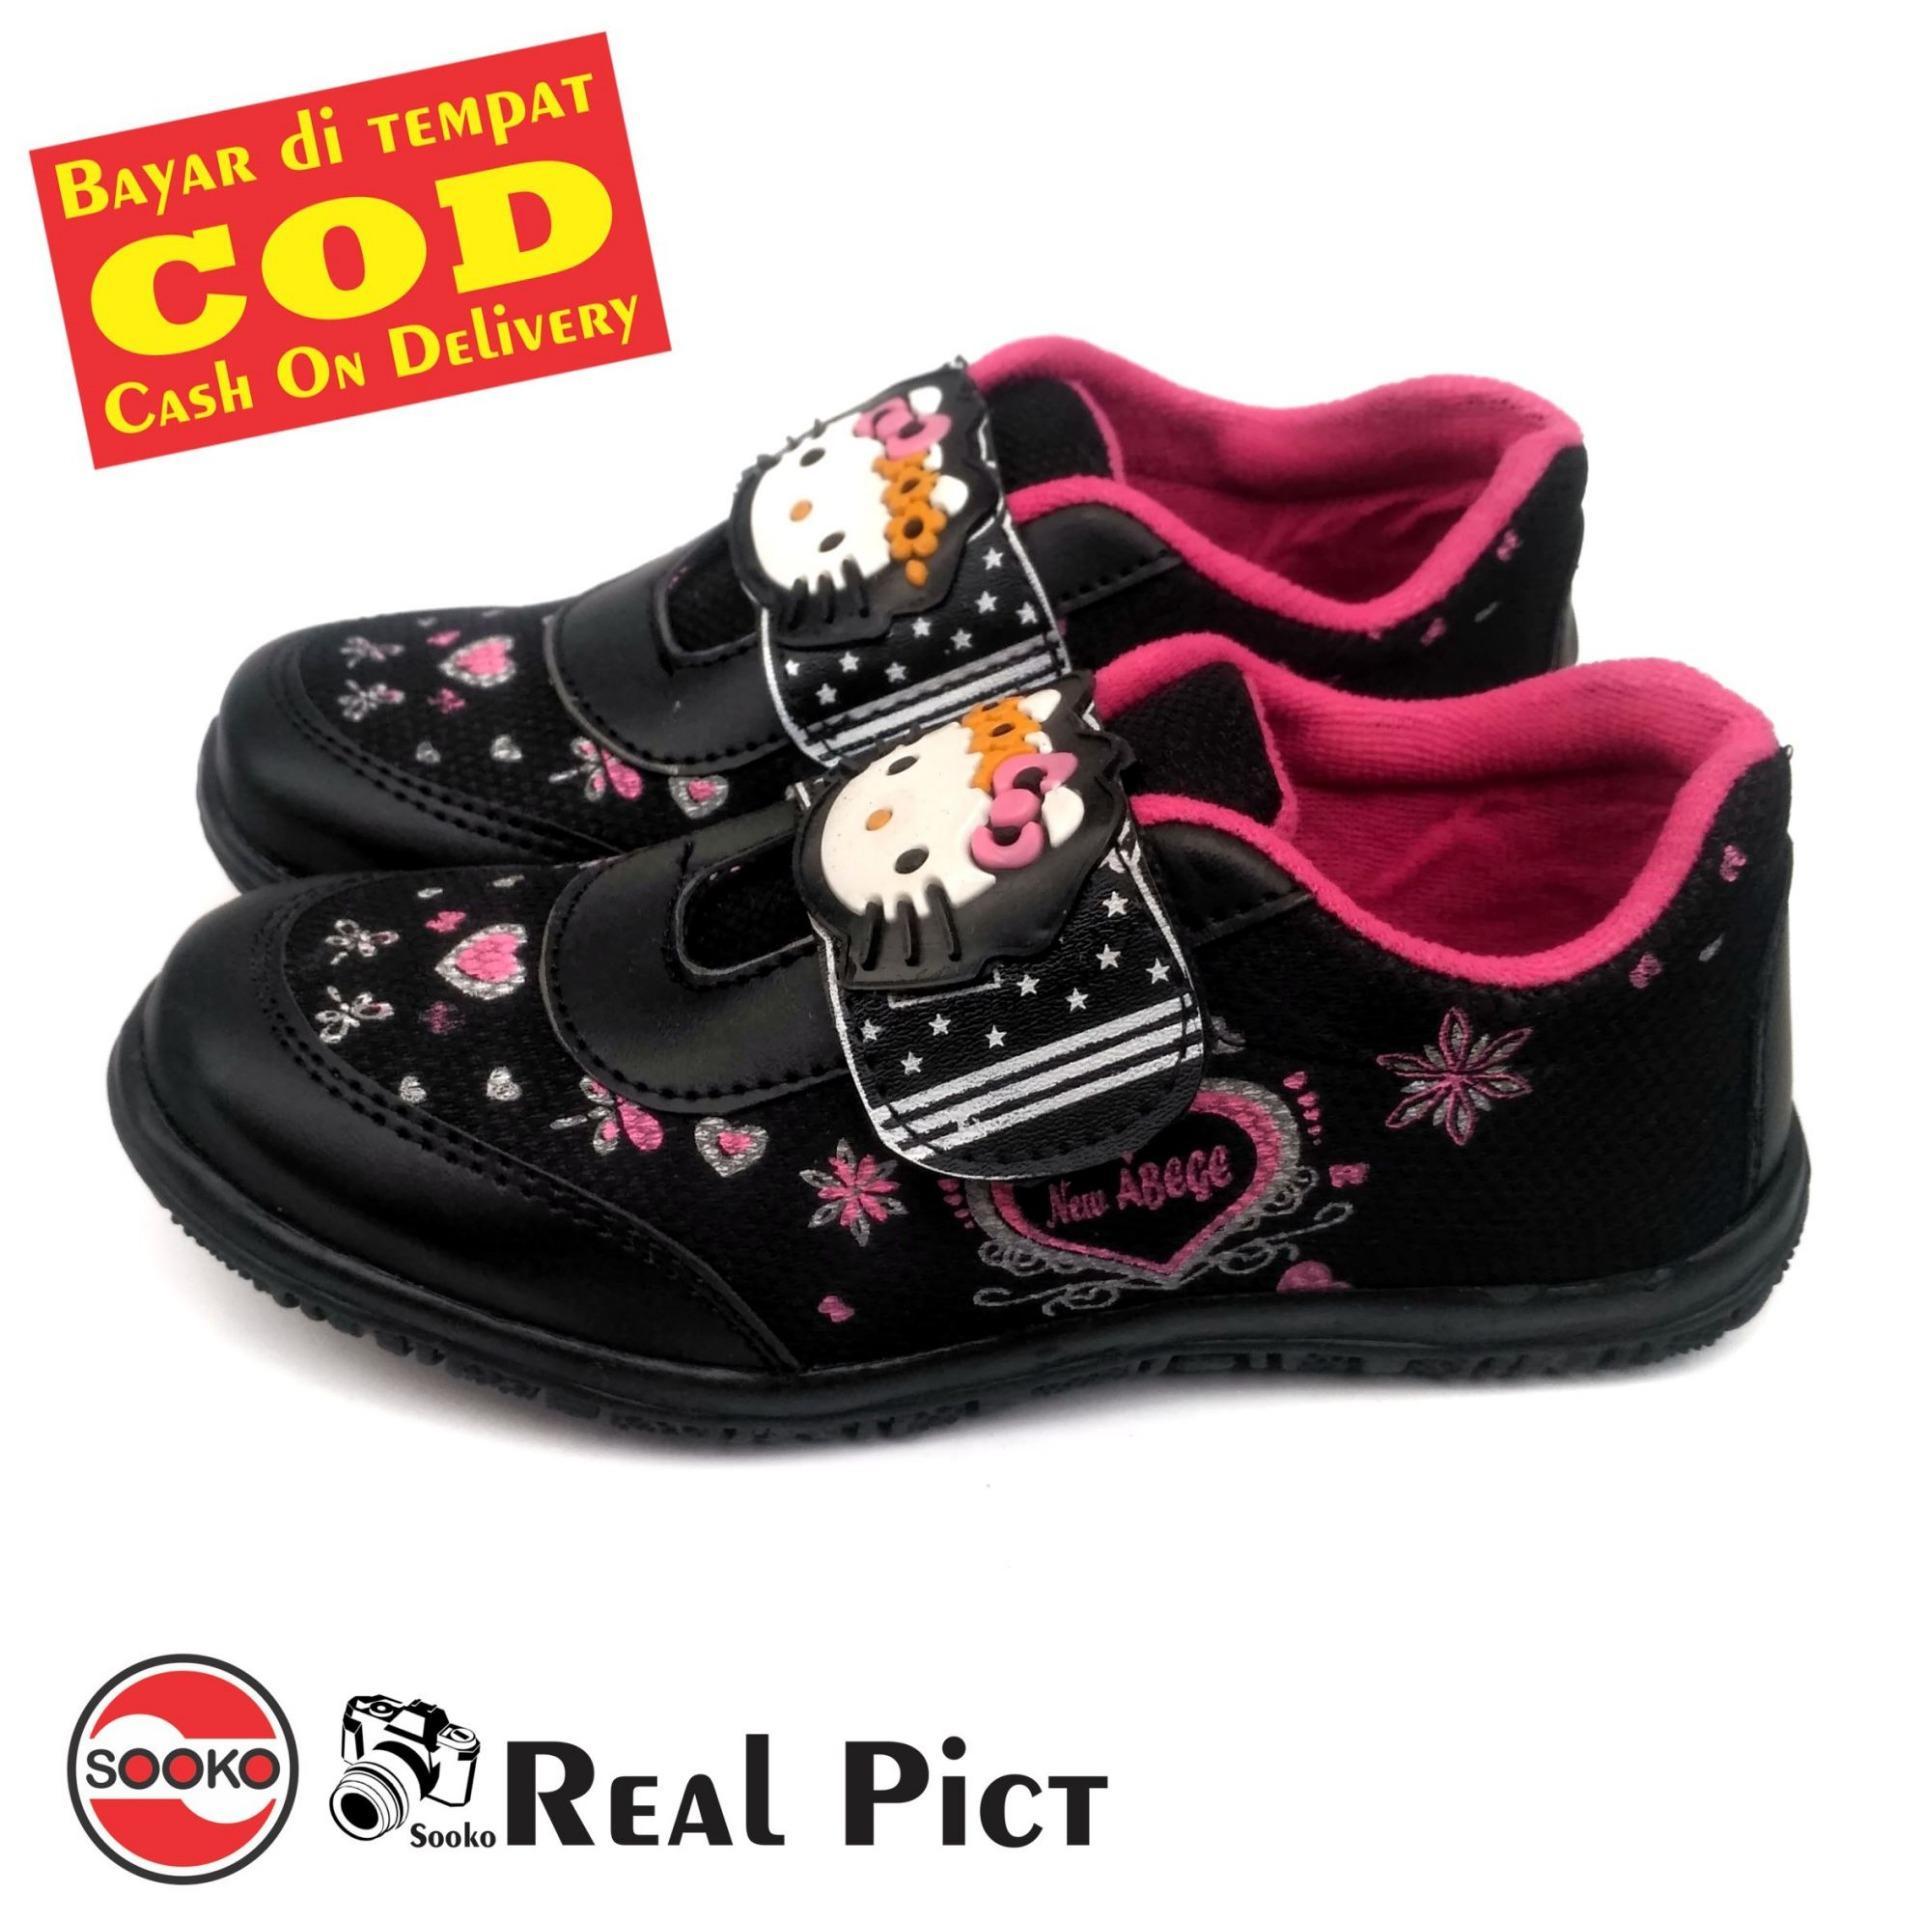 Sooko - Sepatu anak   Sepatu sekolah anak SD Hello Kitty Sepatu Anak  Perempuan Hitam d1a9c0f9d0